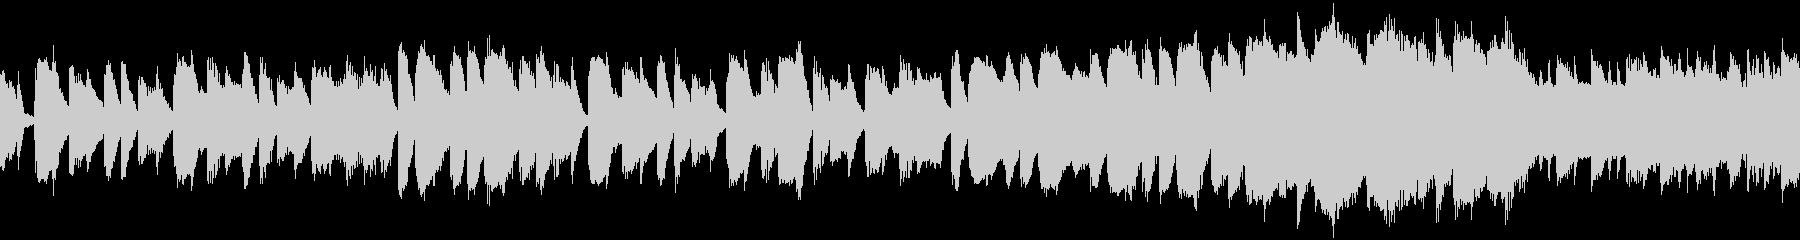 森/街 可愛いアンサンブル:ループ  の未再生の波形